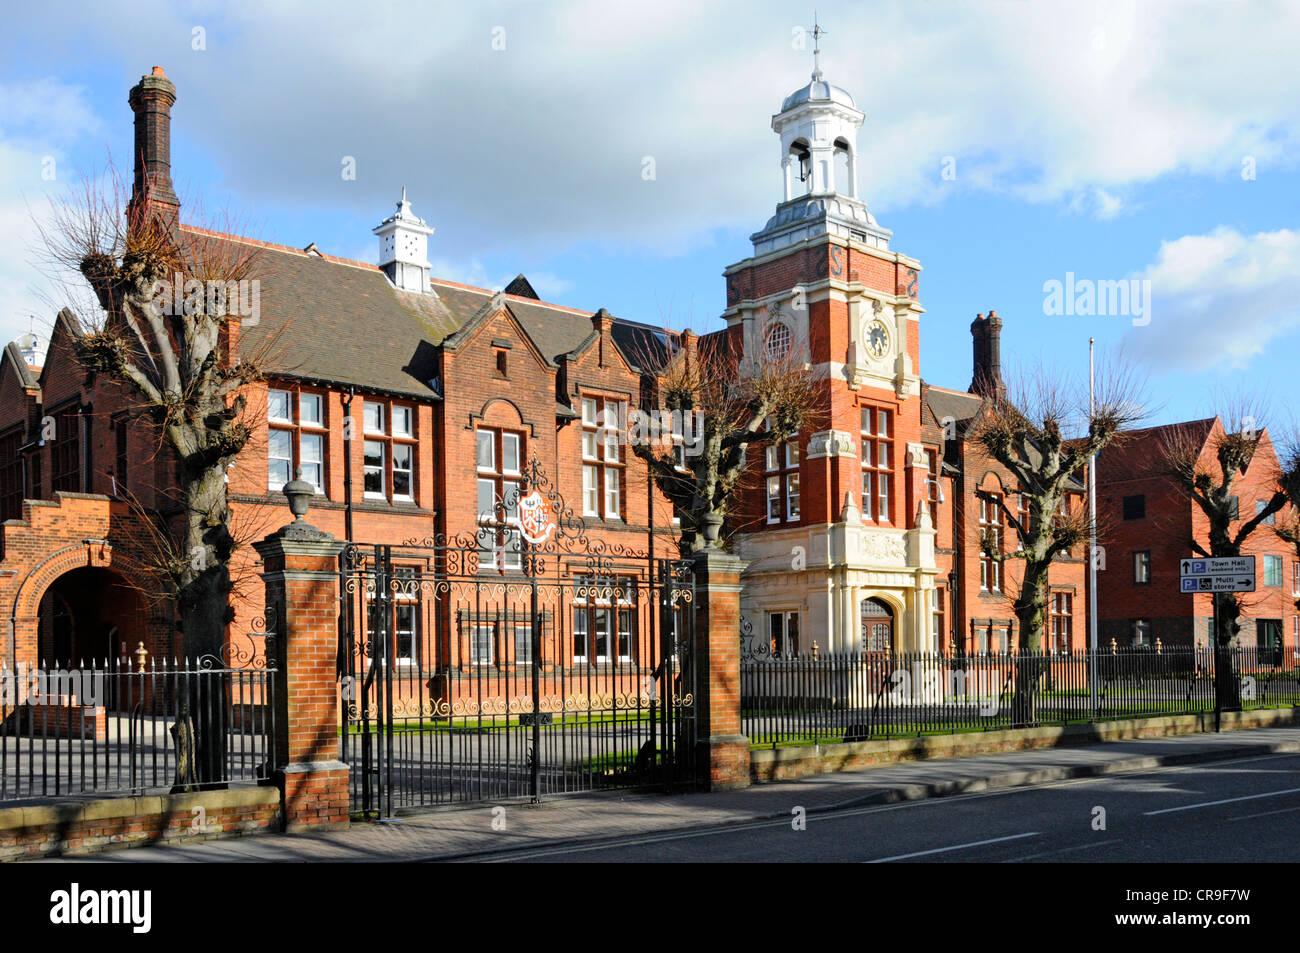 Gates y delante del principal edificio de ladrillo de Brentwood Escuela privada independiente day & internado Imagen De Stock